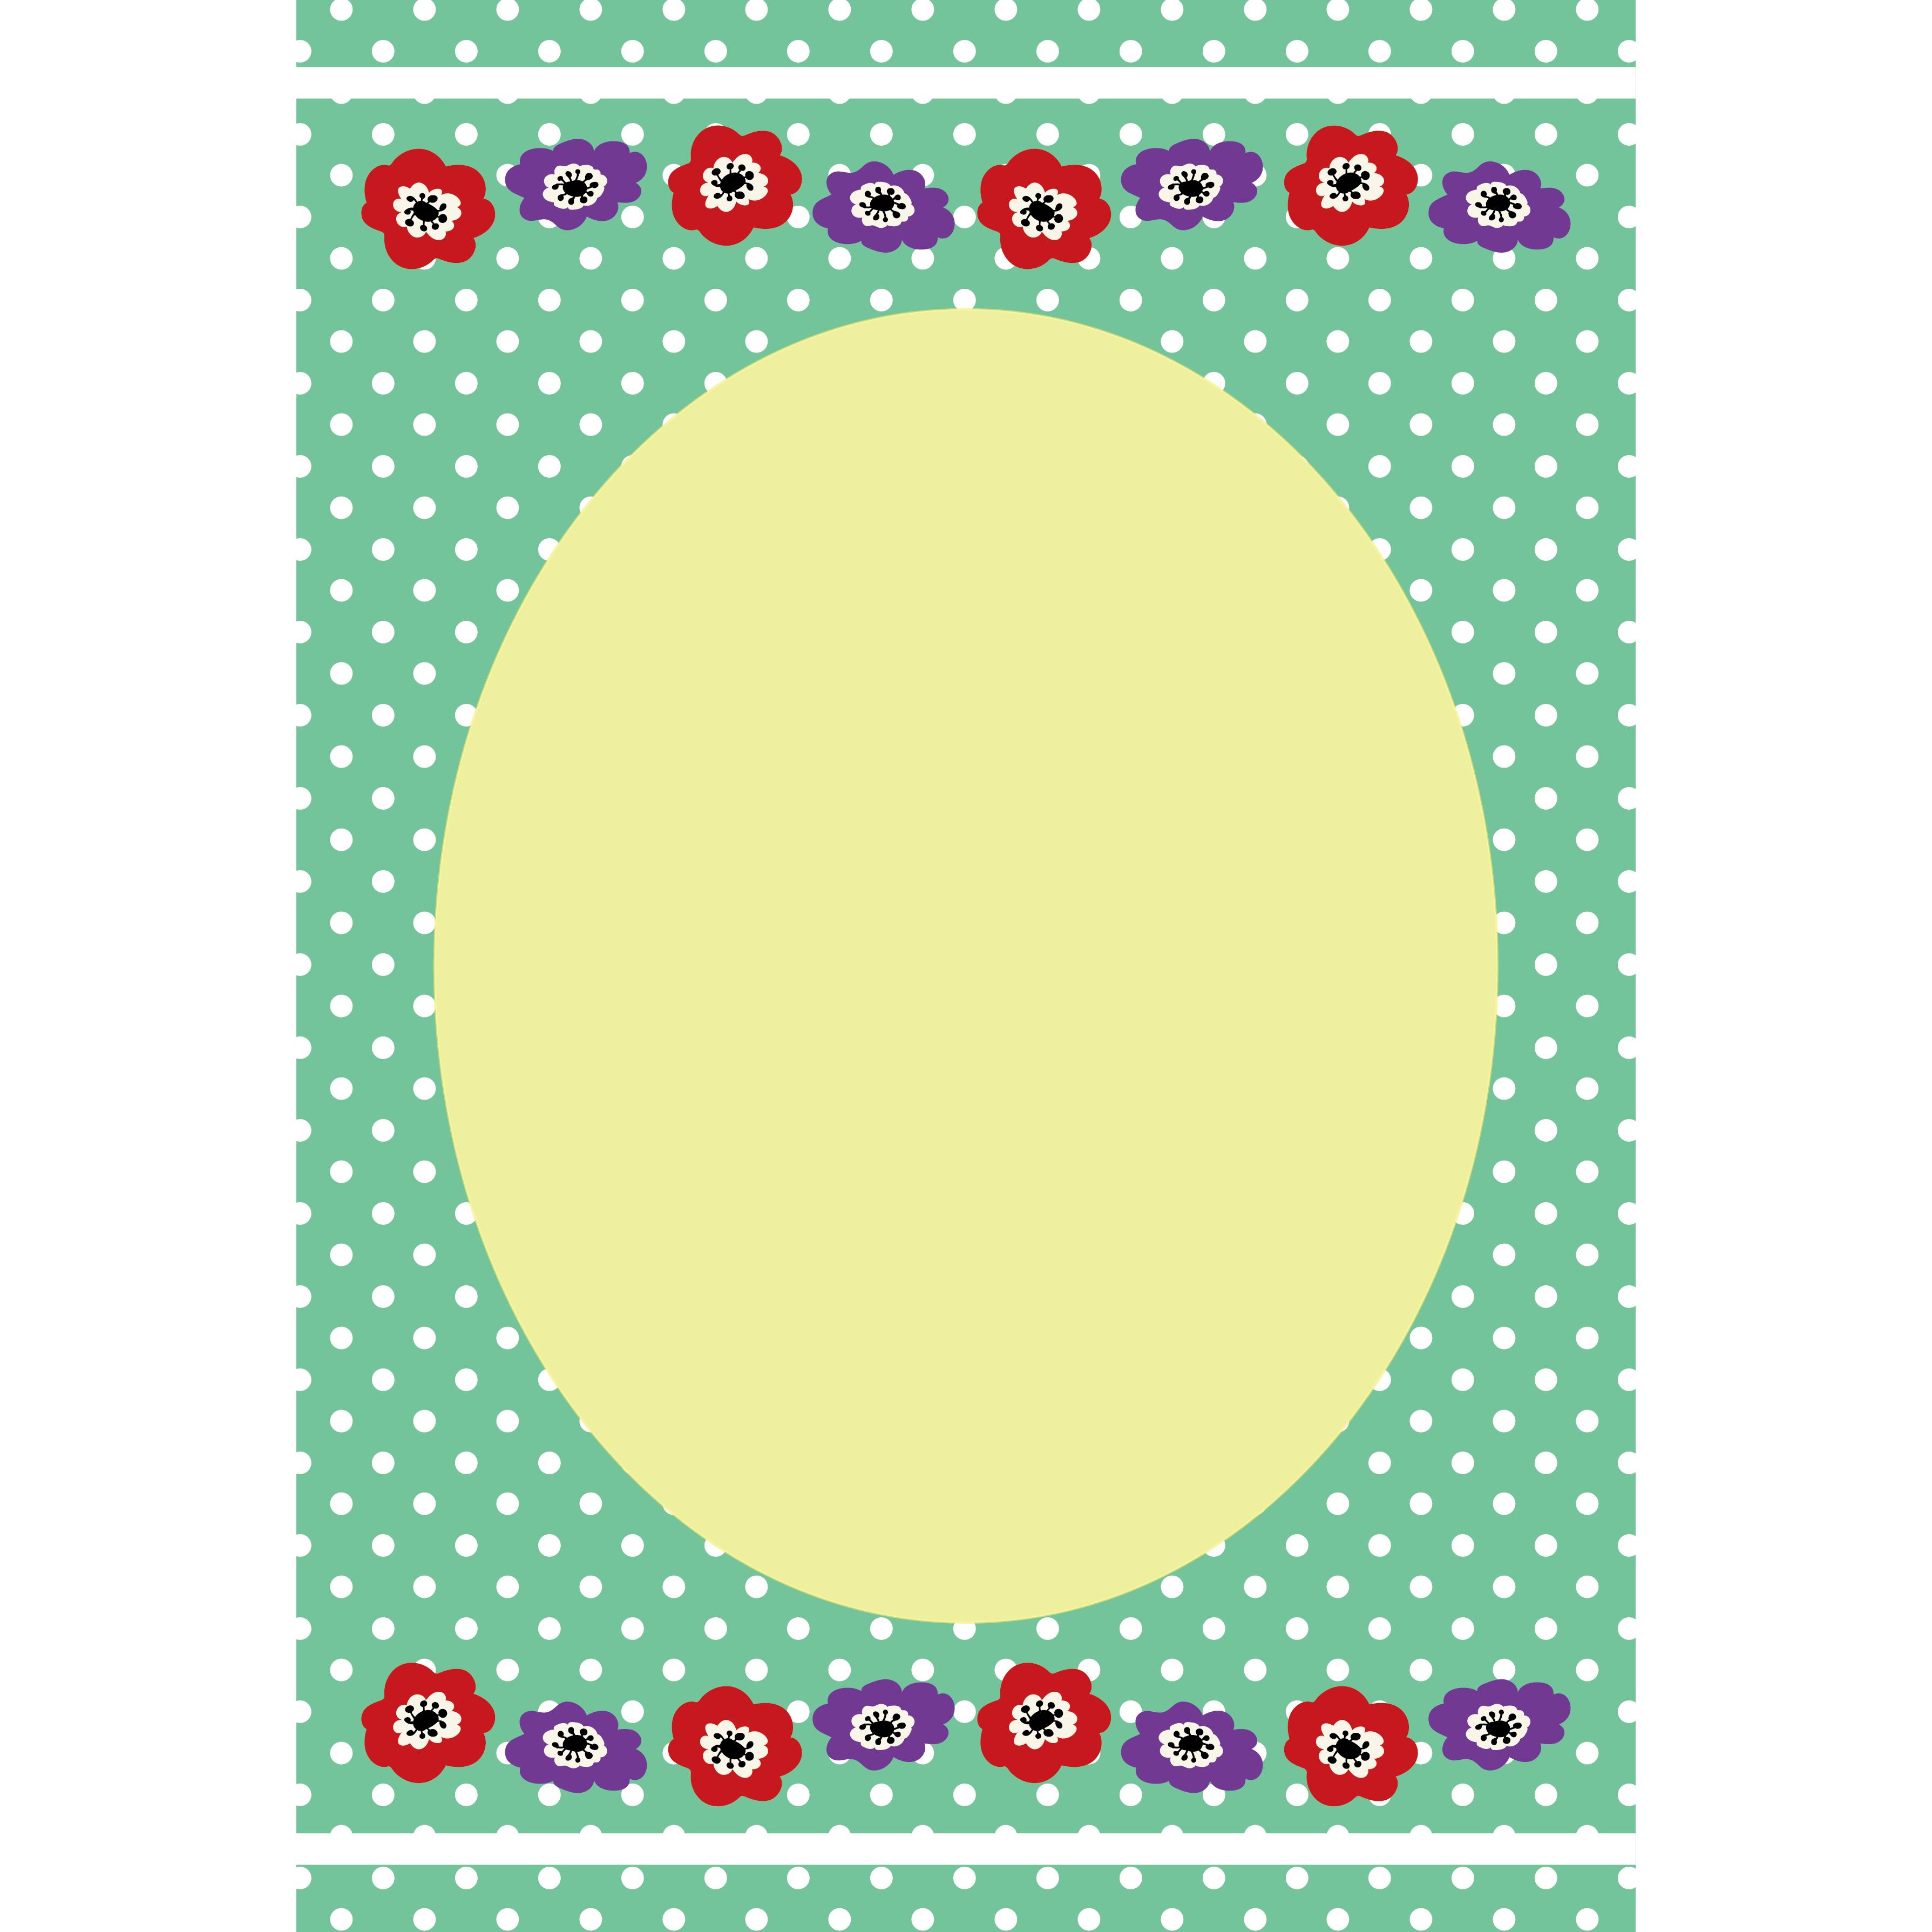 かわいい水玉のアネモネフレーム(便箋・枠)イラスト A4サイズ